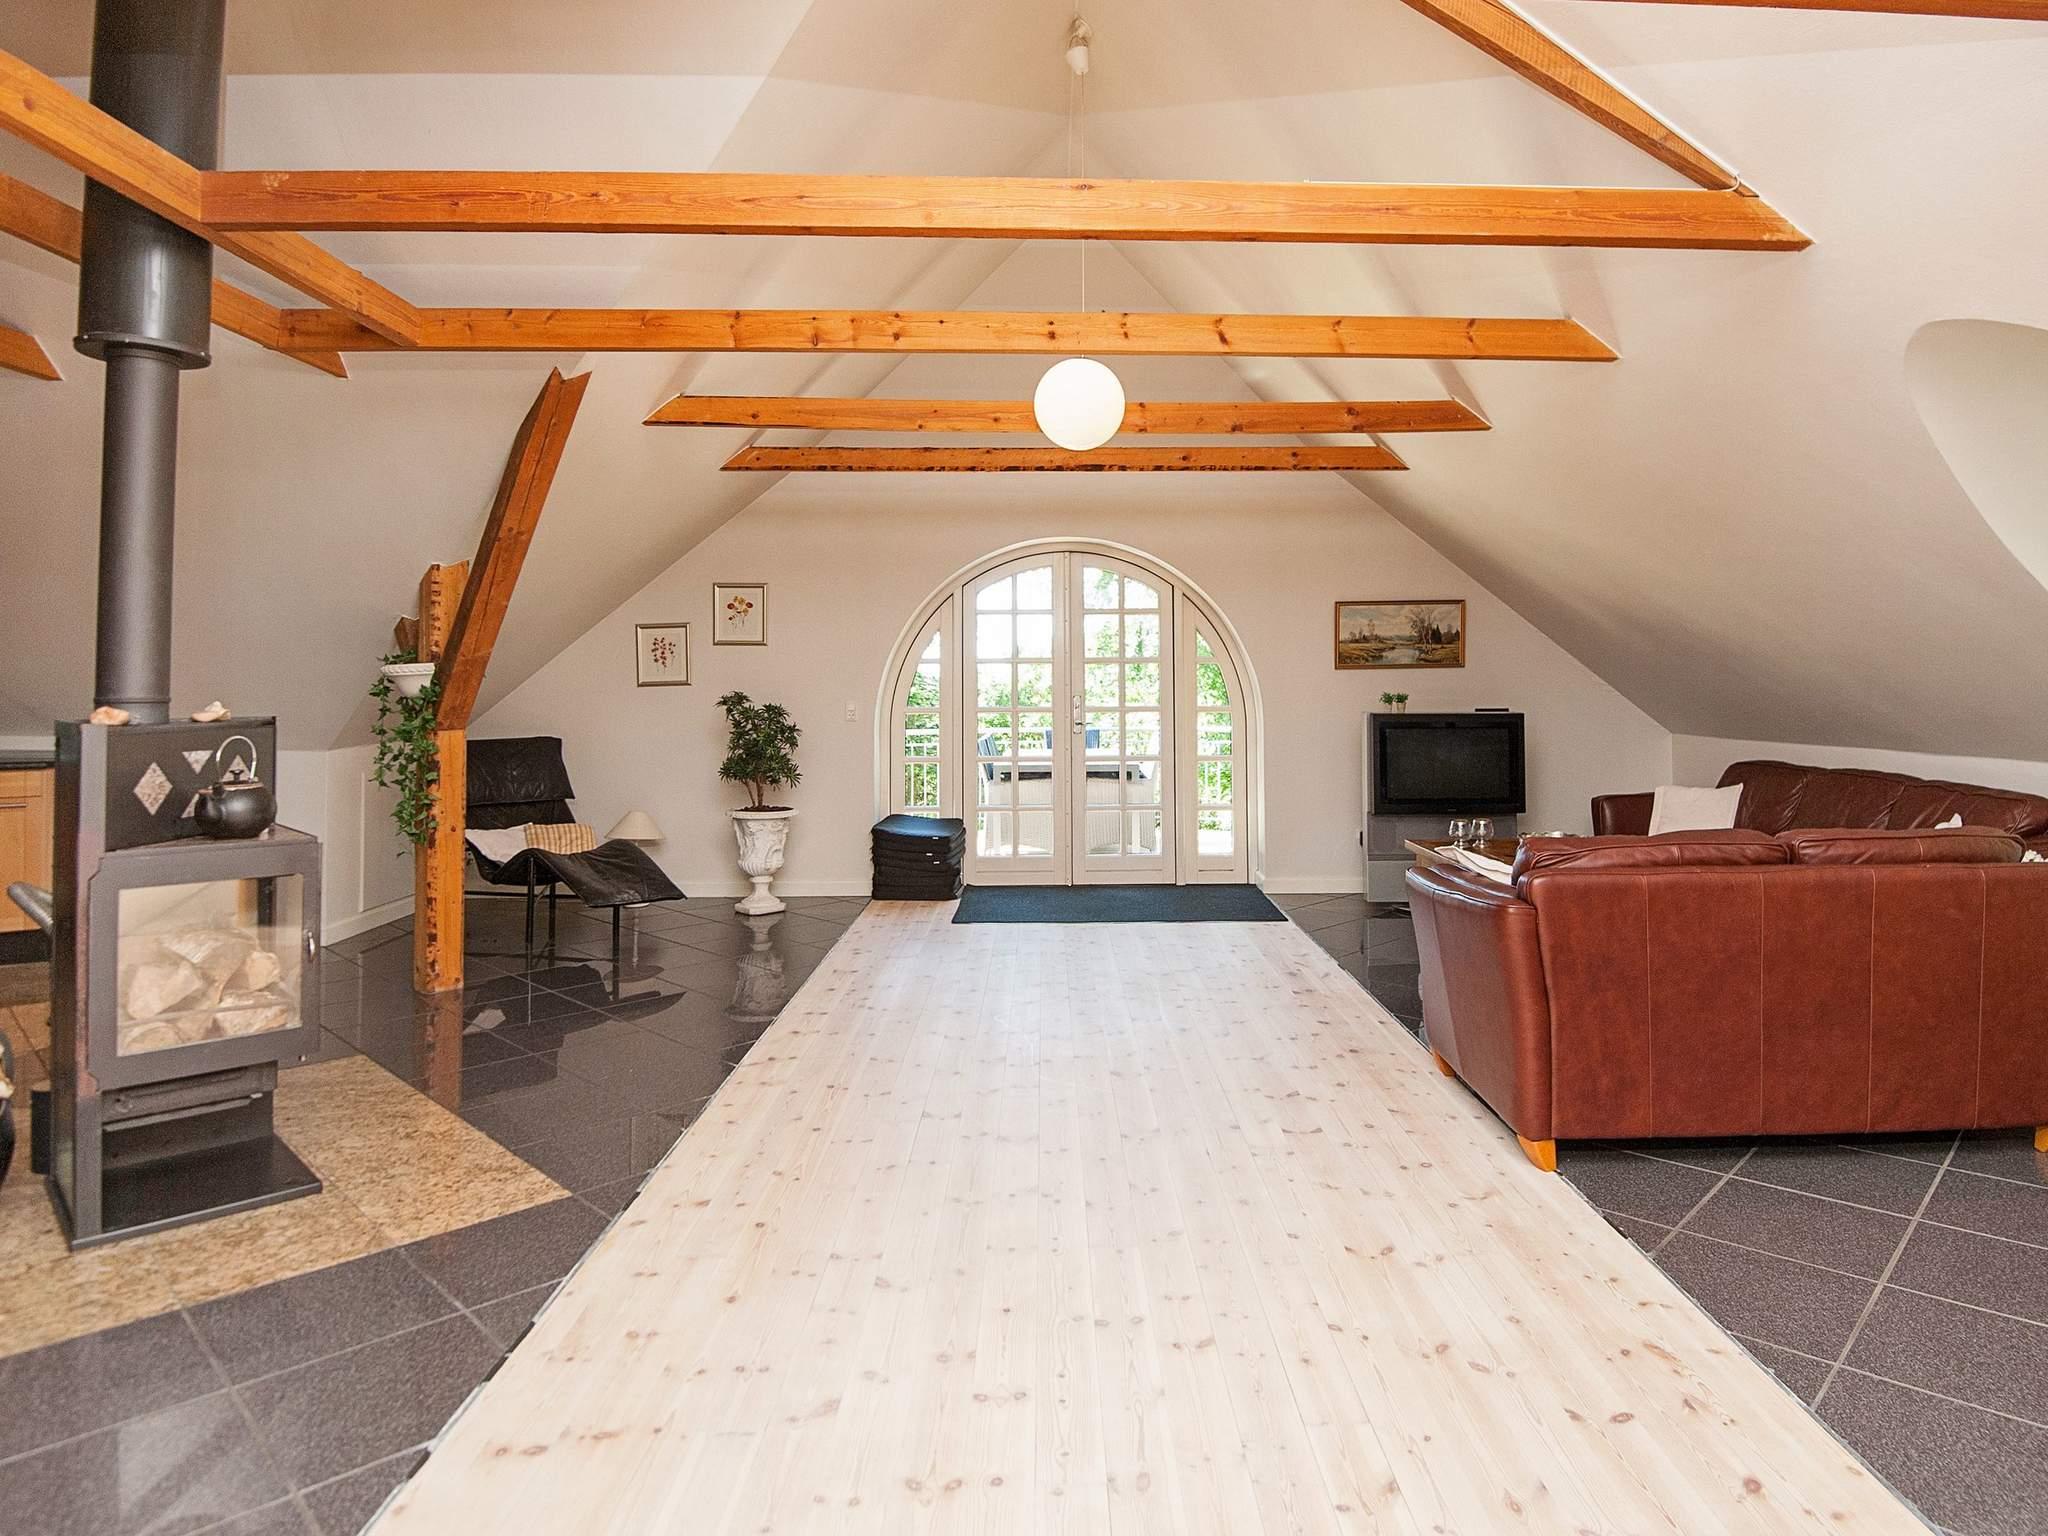 Ferienhaus St. Darum (86425), Bramming, , Südjütland, Dänemark, Bild 7